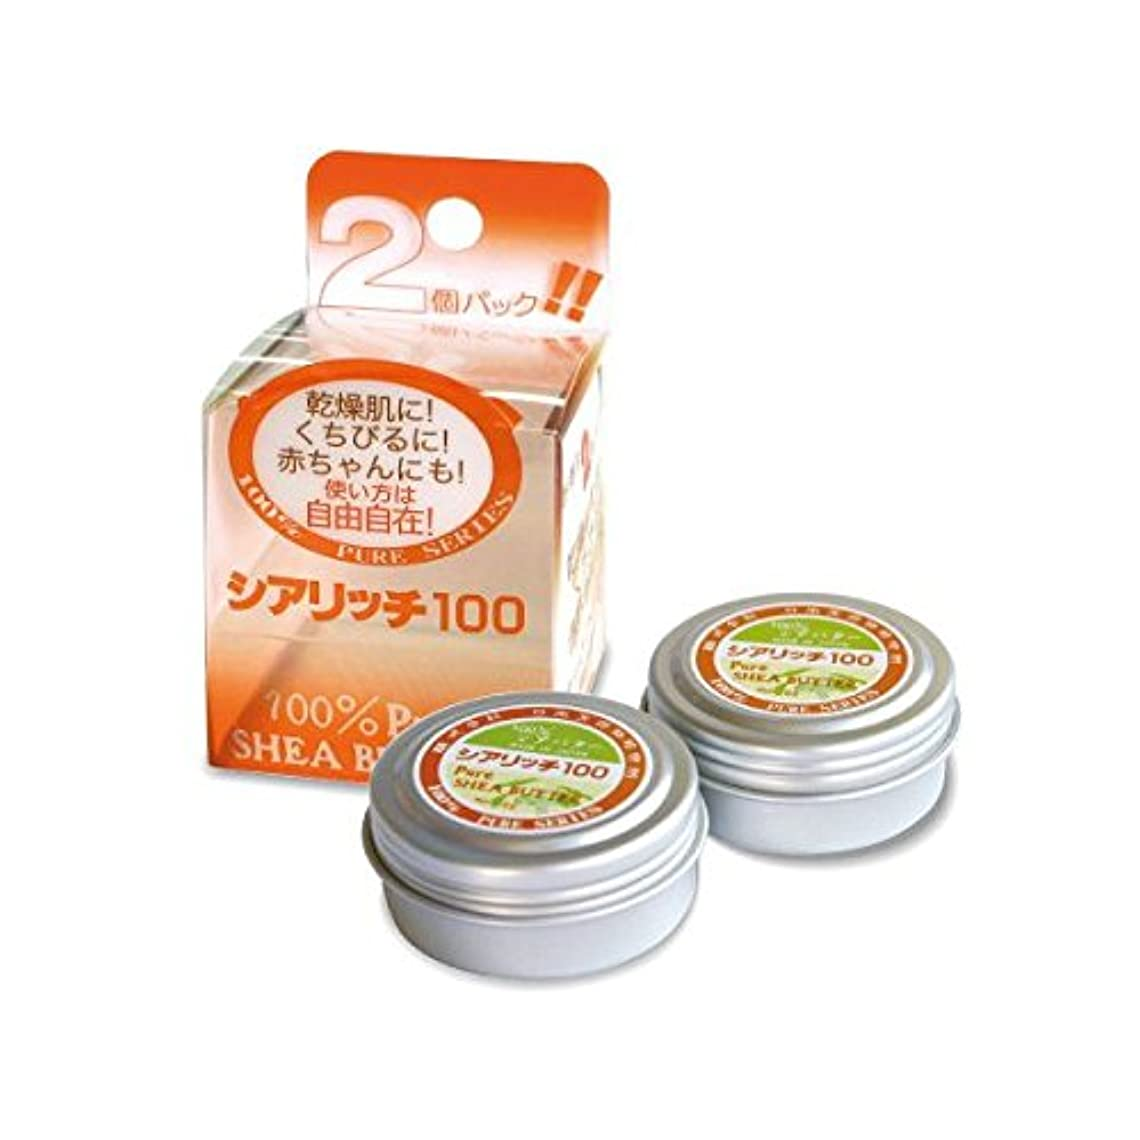 シャーピカリング驚かす日本天然物研究所 シアリッチ100 (8g×2個入り)【単品】(無添加100%シアバター)無香料